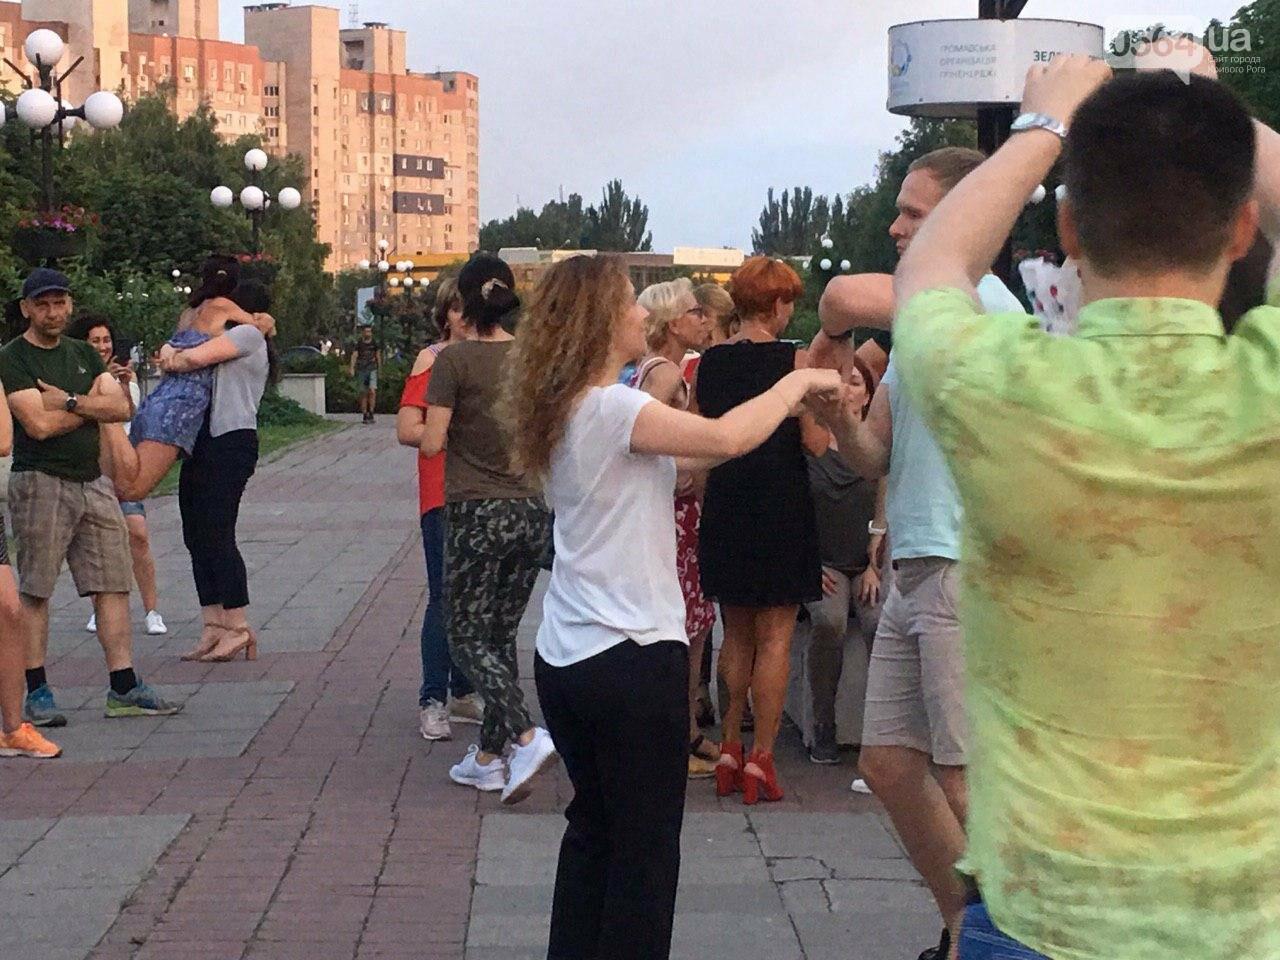 Сальса, бачата, кизомба: в центре города танцоры провели мастер-класс для криворожан, - ФОТО, ВИДЕО , фото-6